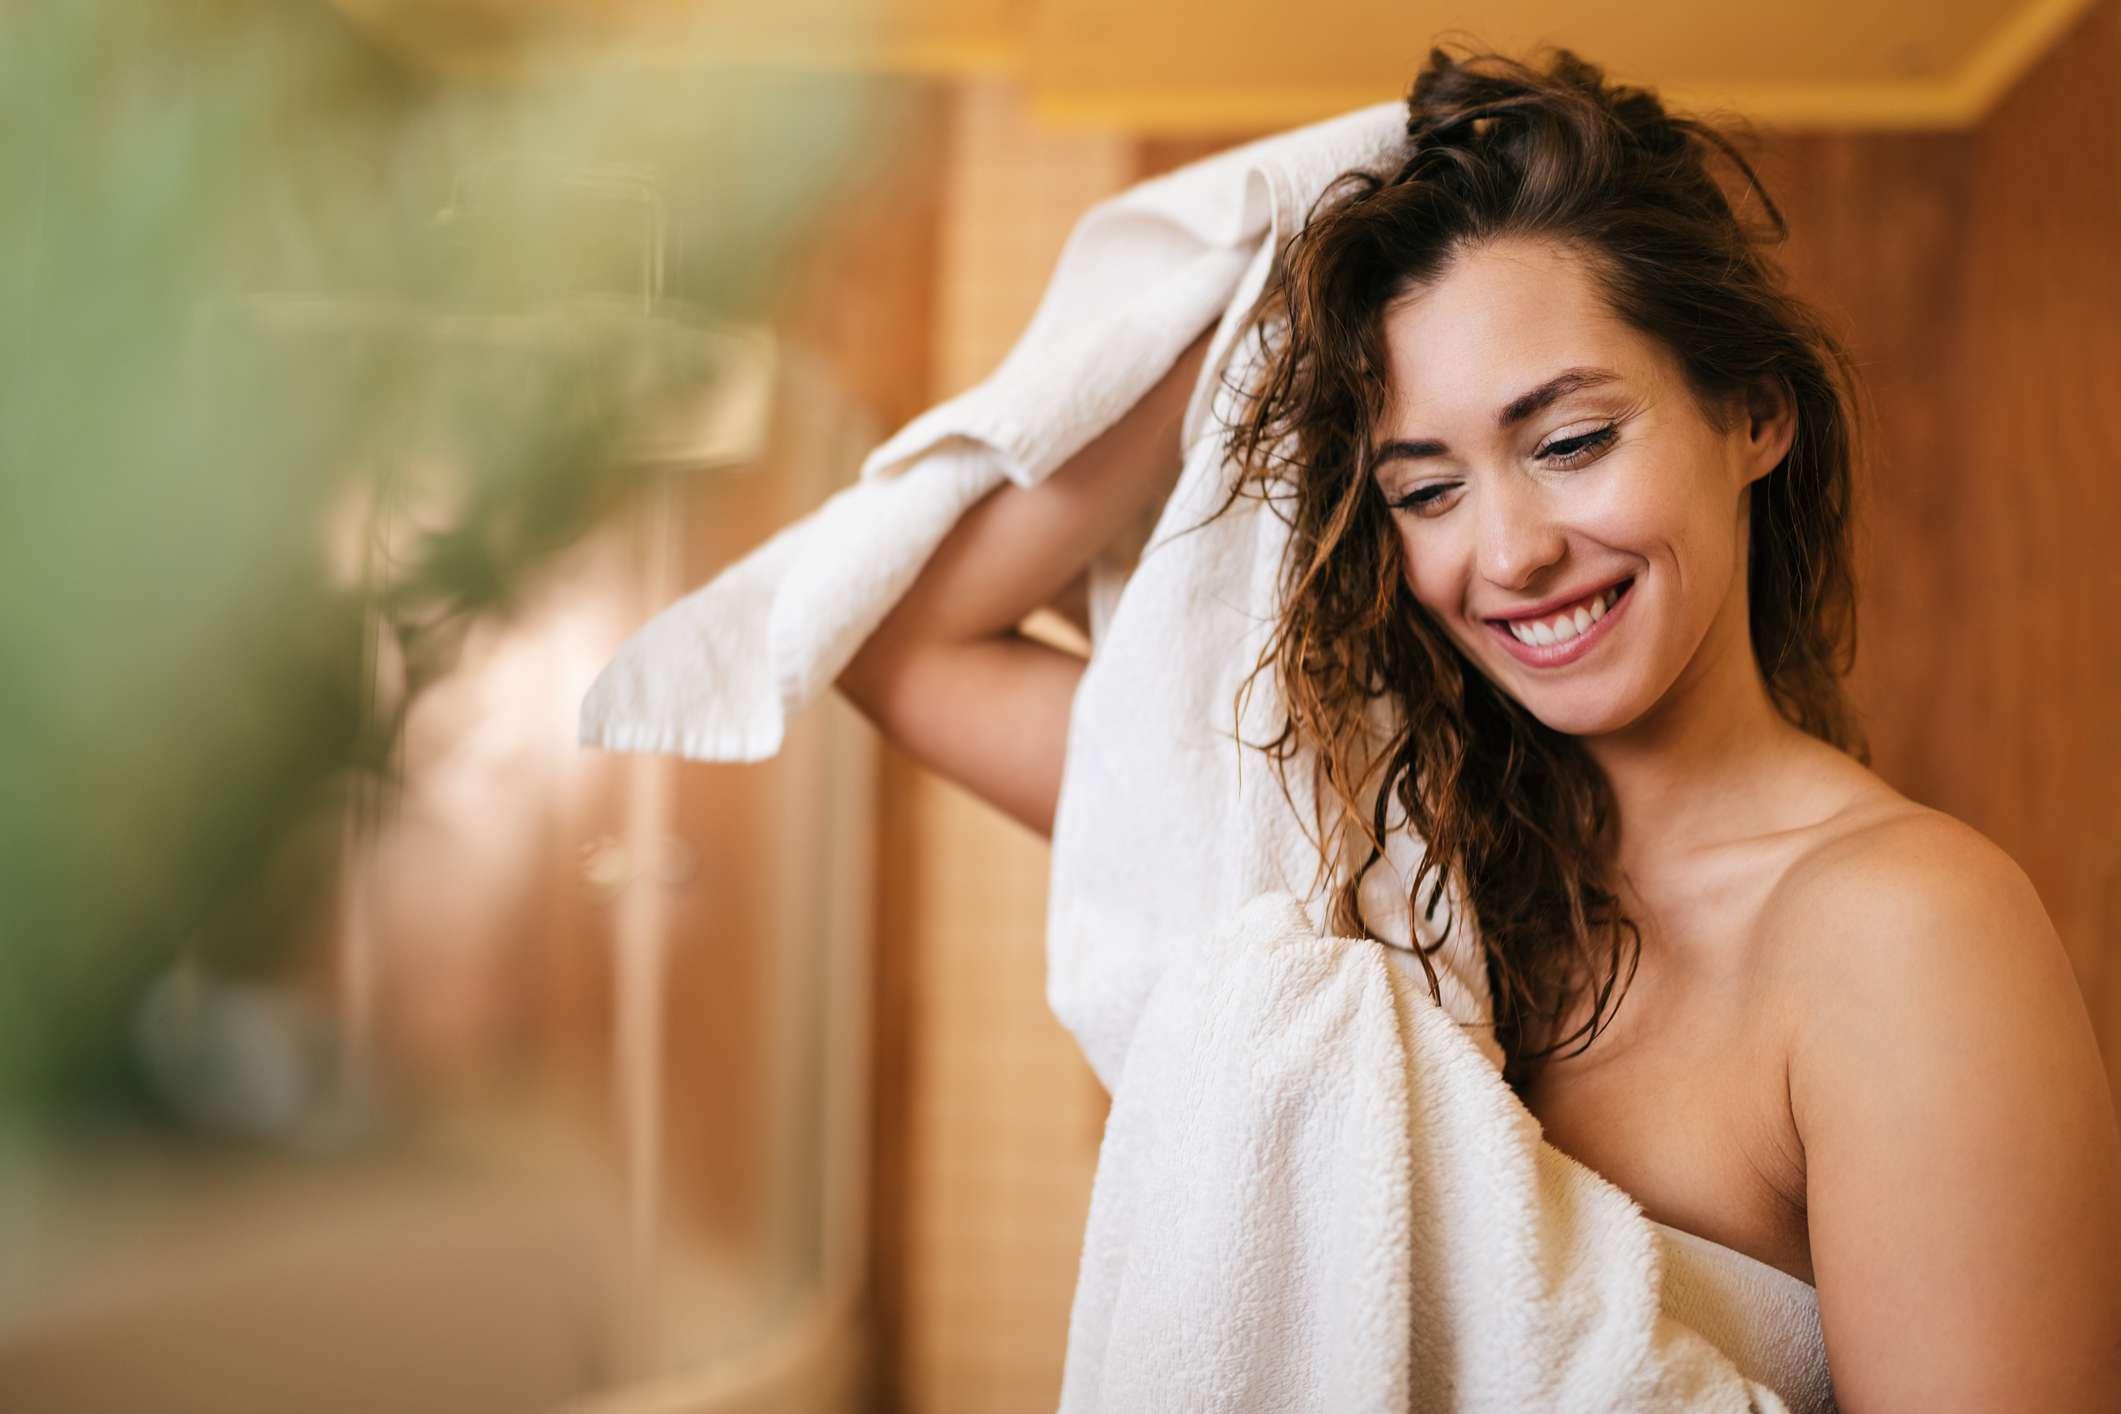 A white woman towel dries her hair.